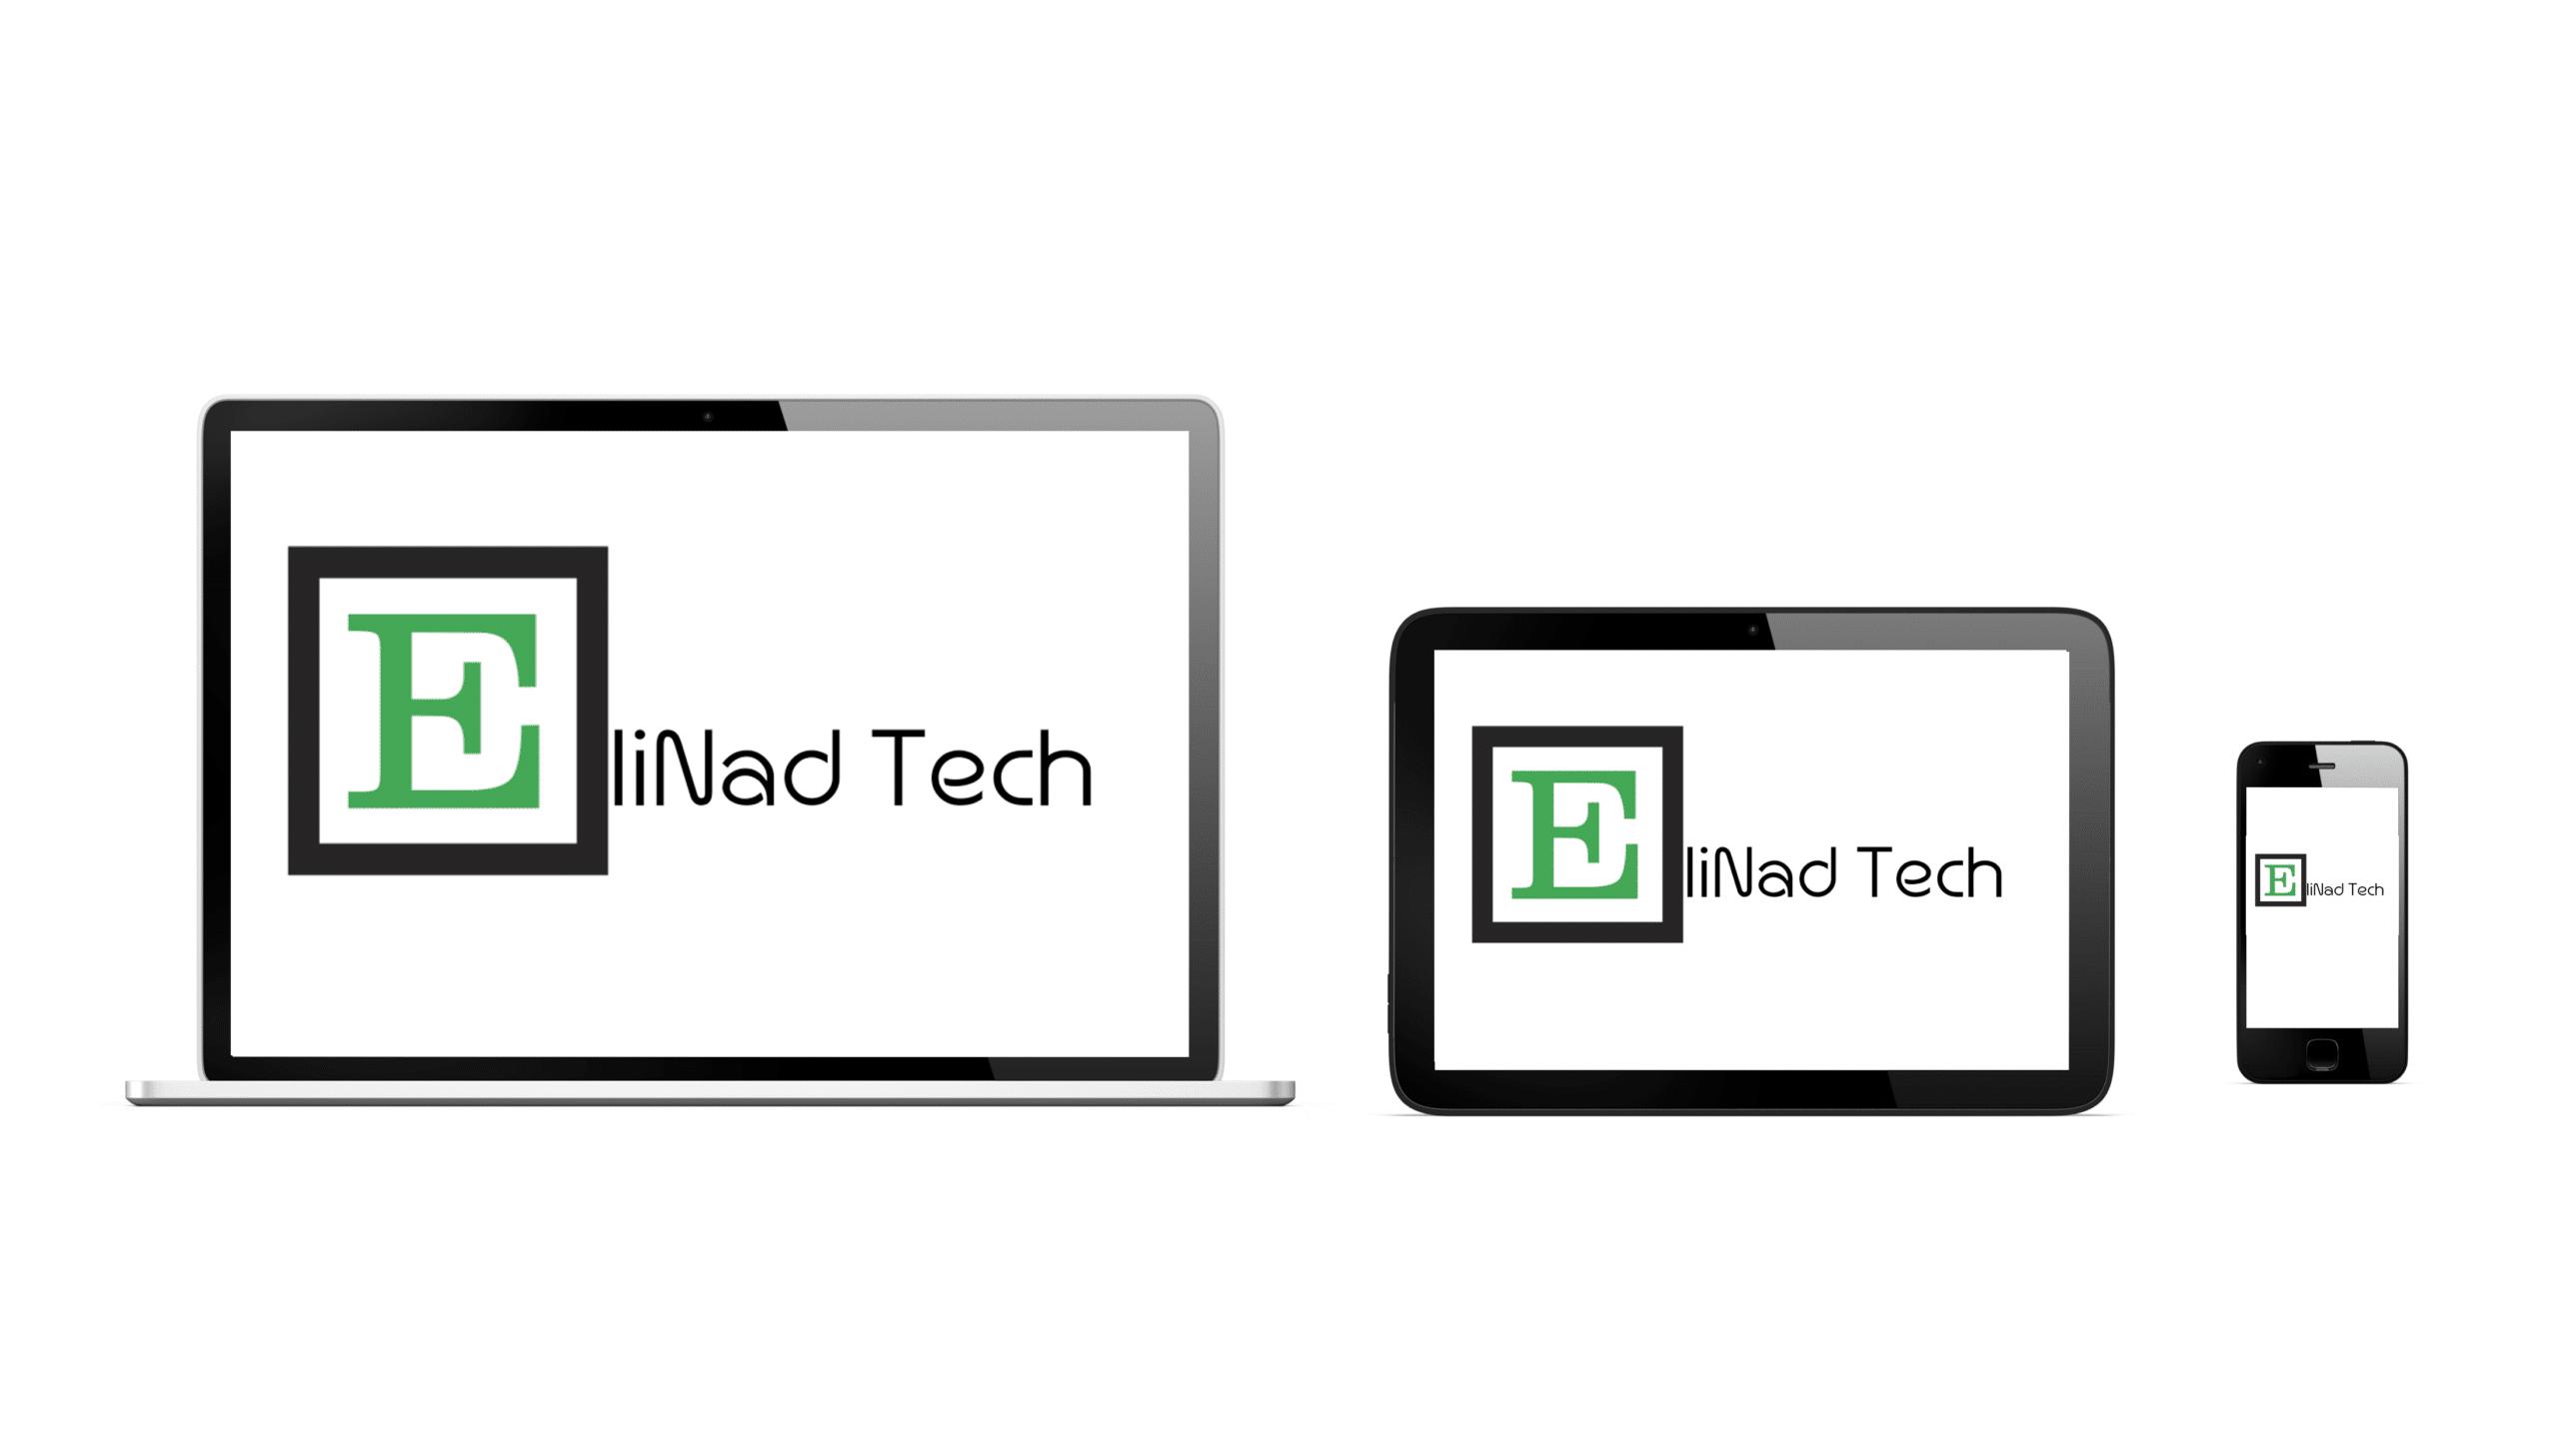 Elinad laptop tablet mobile